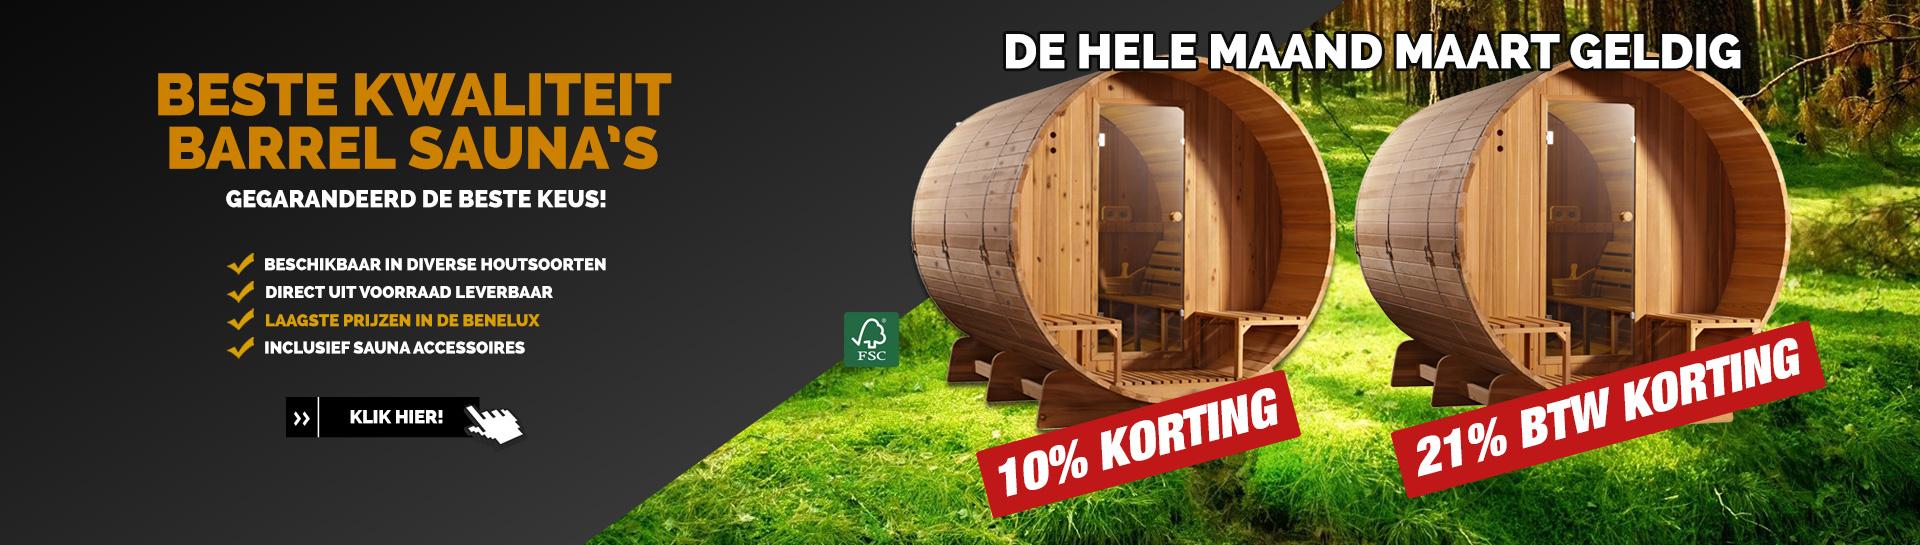 Barrel sauna actie